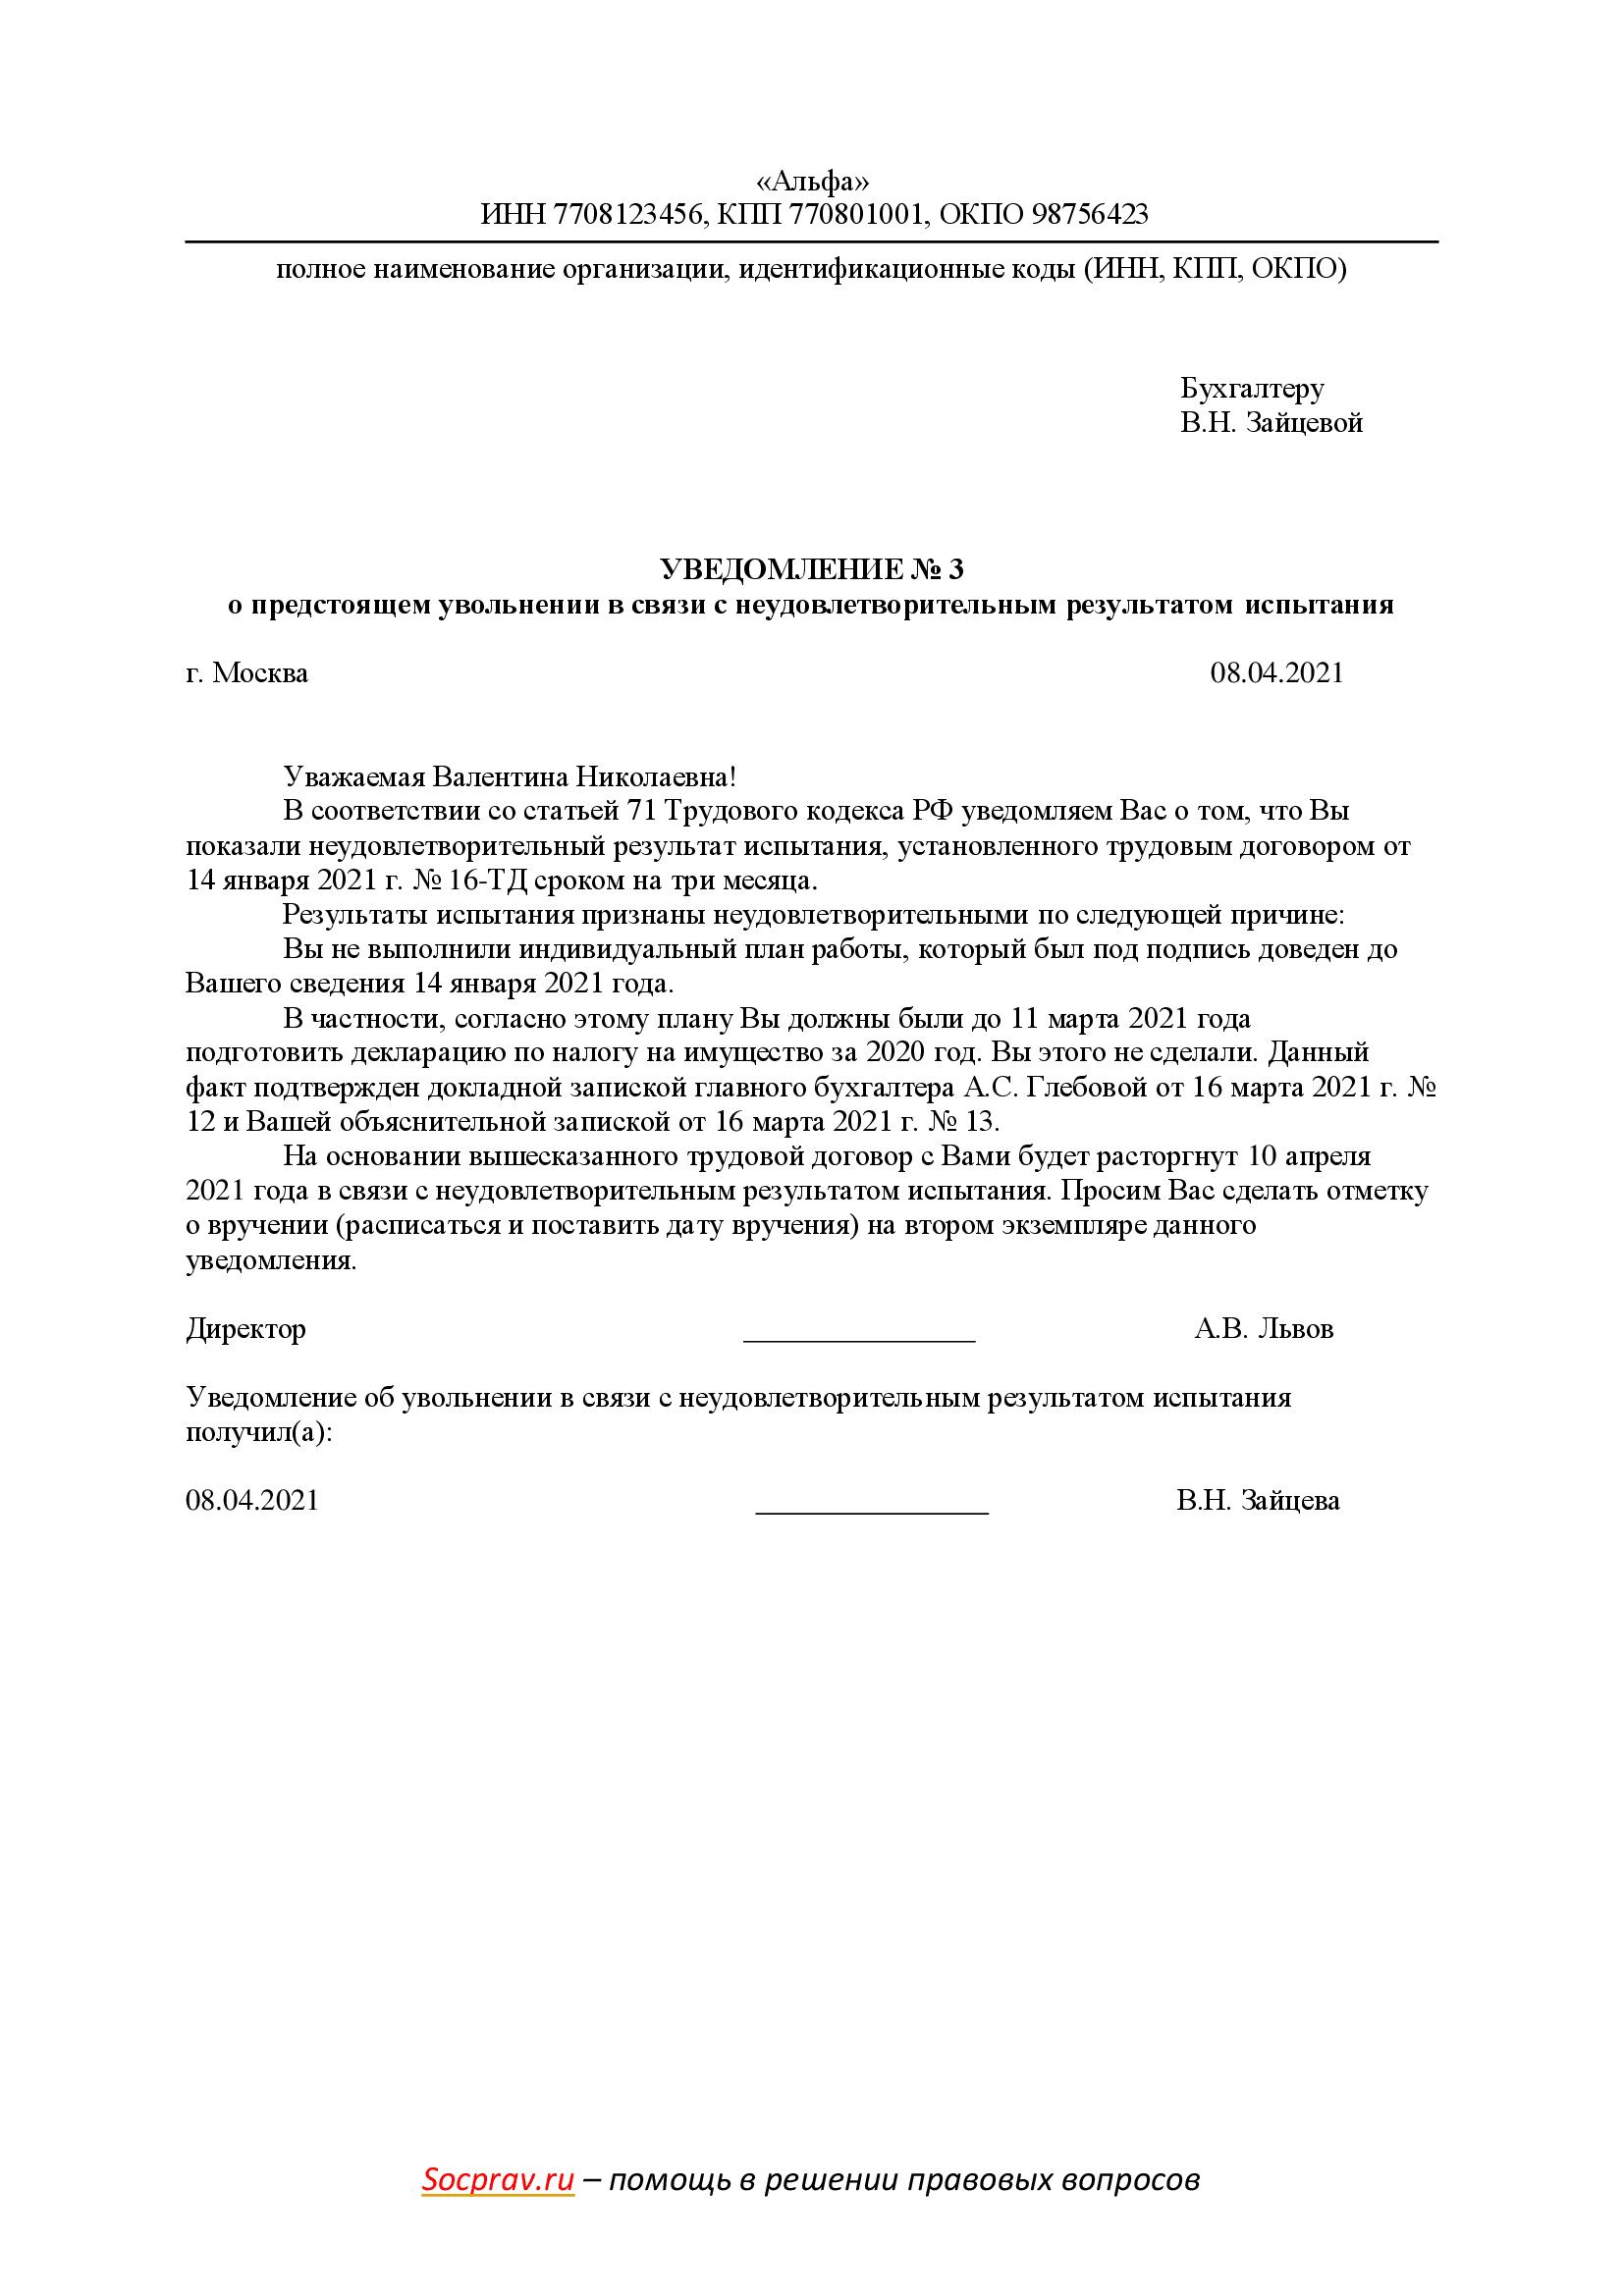 Уведомление о предстоящем увольнении в связи с неудовлетворительным результатом испытания